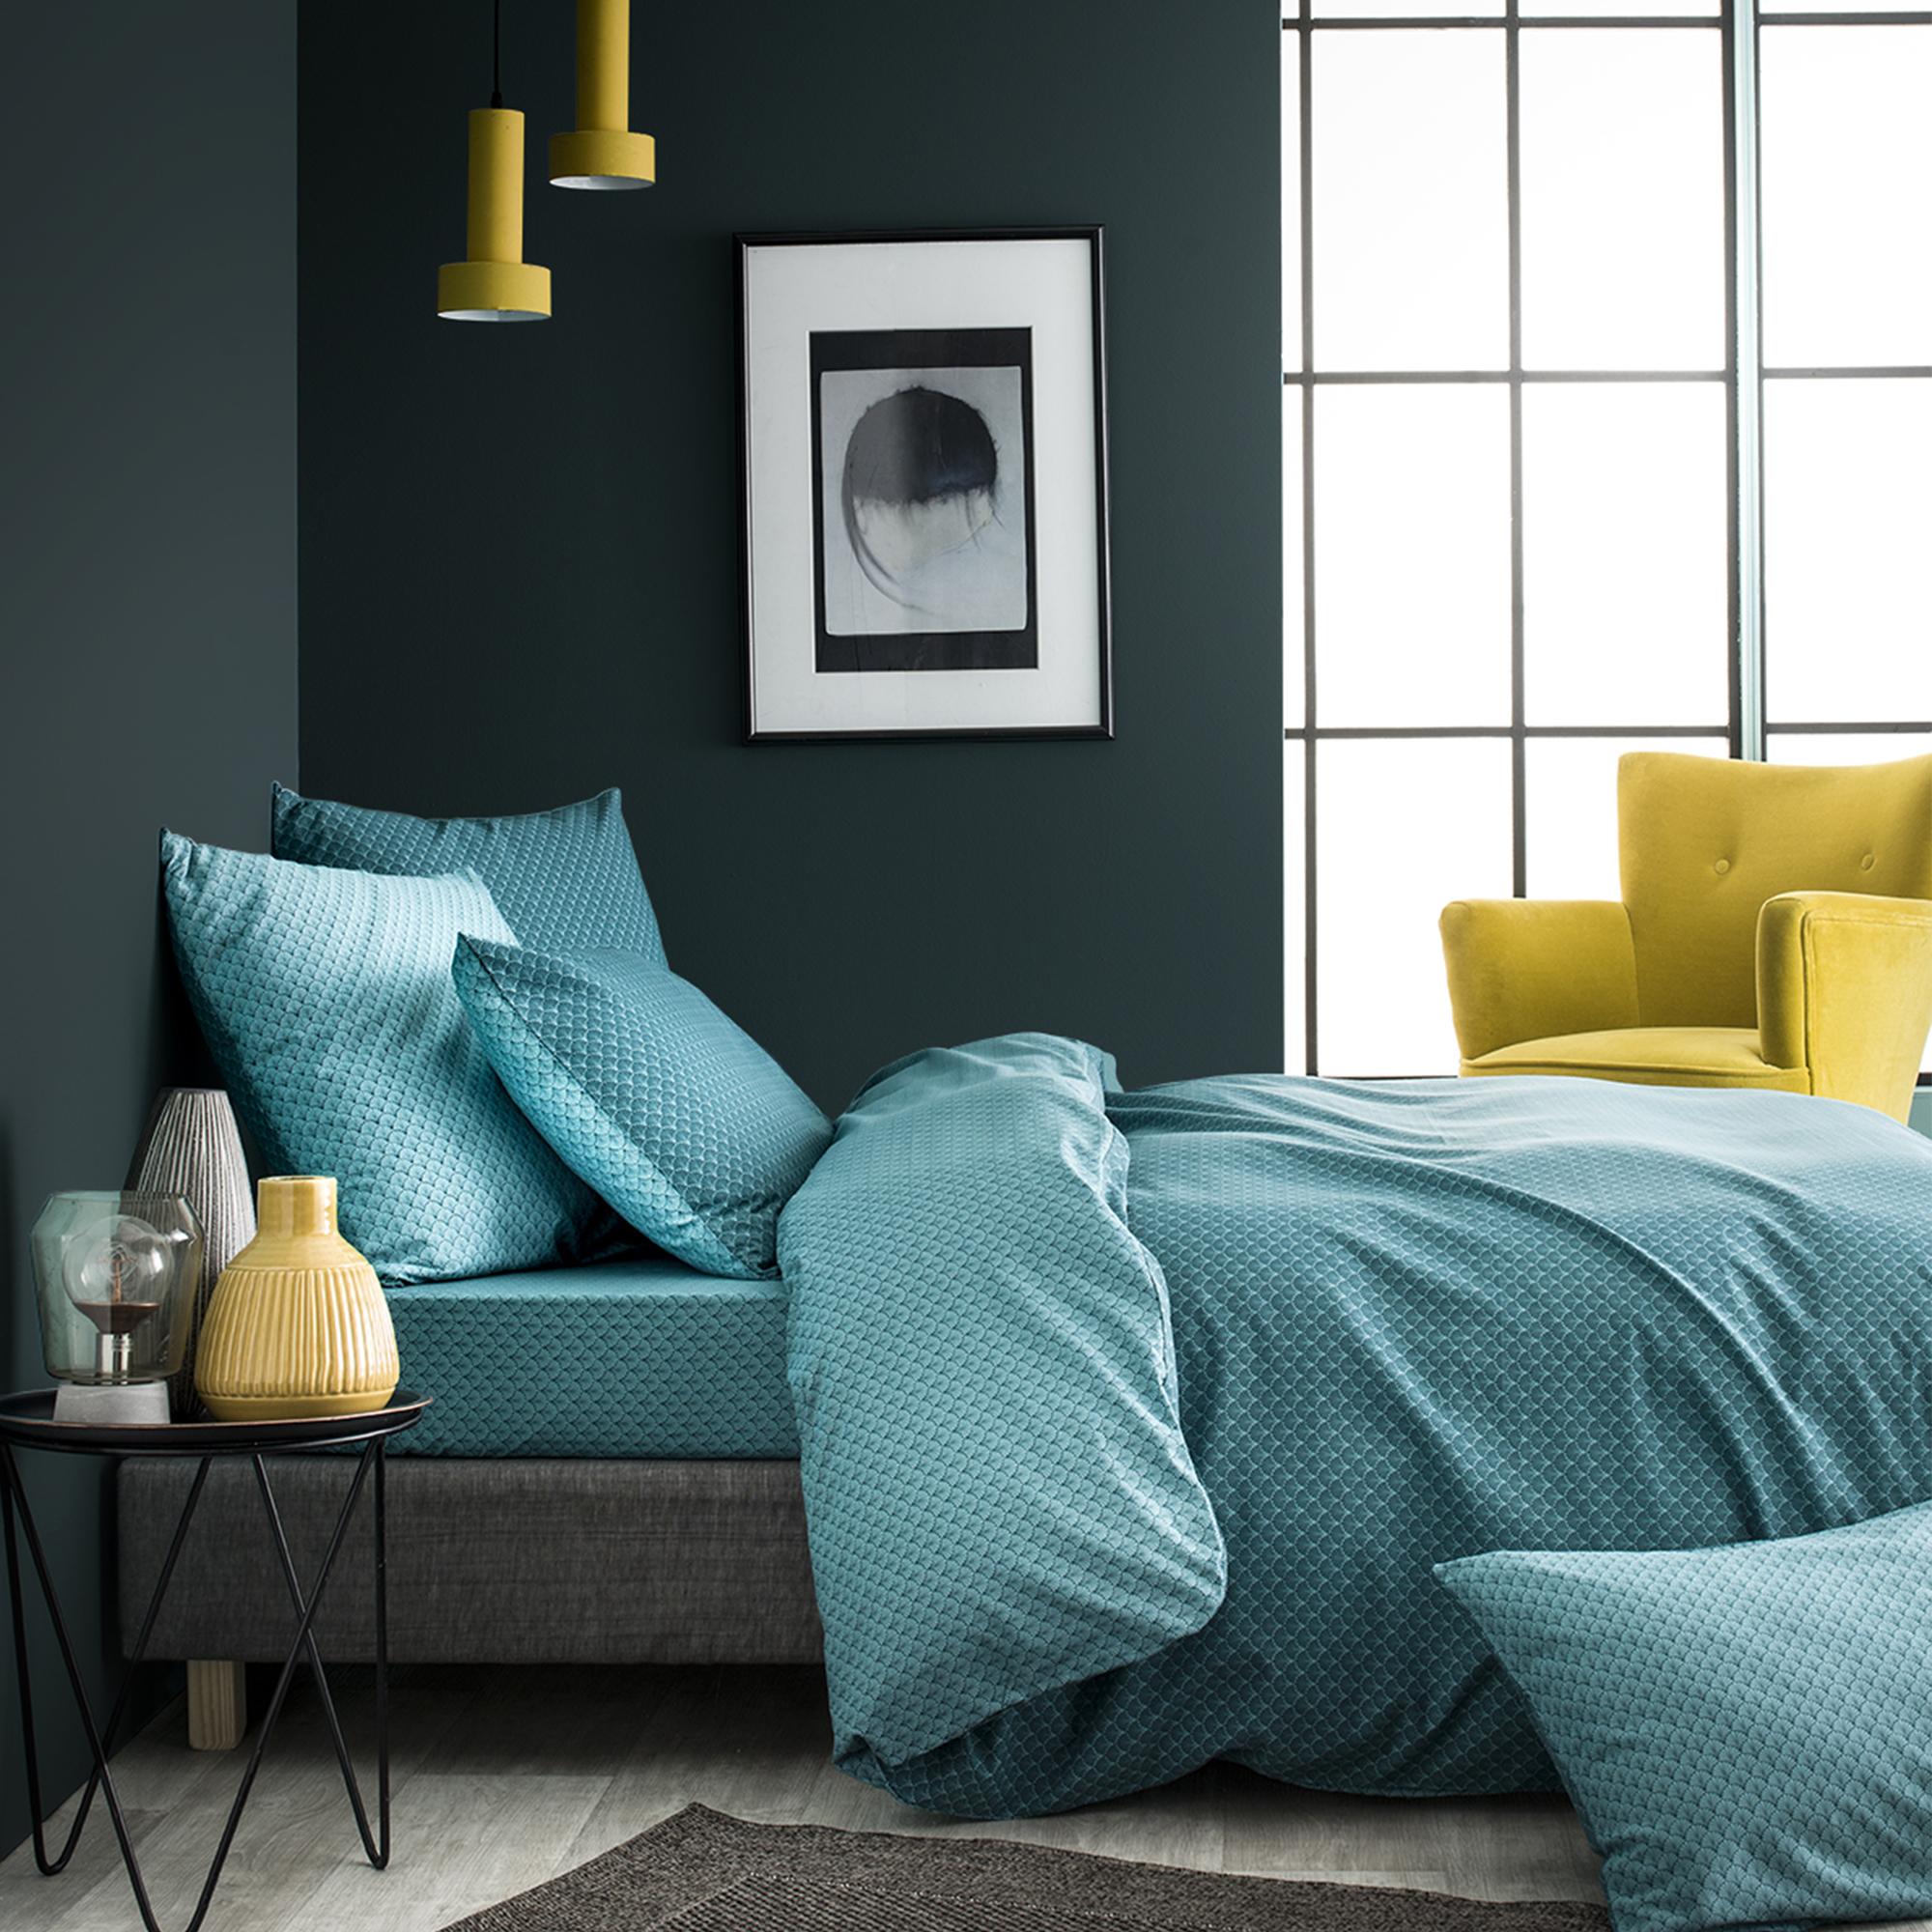 Parure de lit imprimée en bambou vert émeraude 240x260